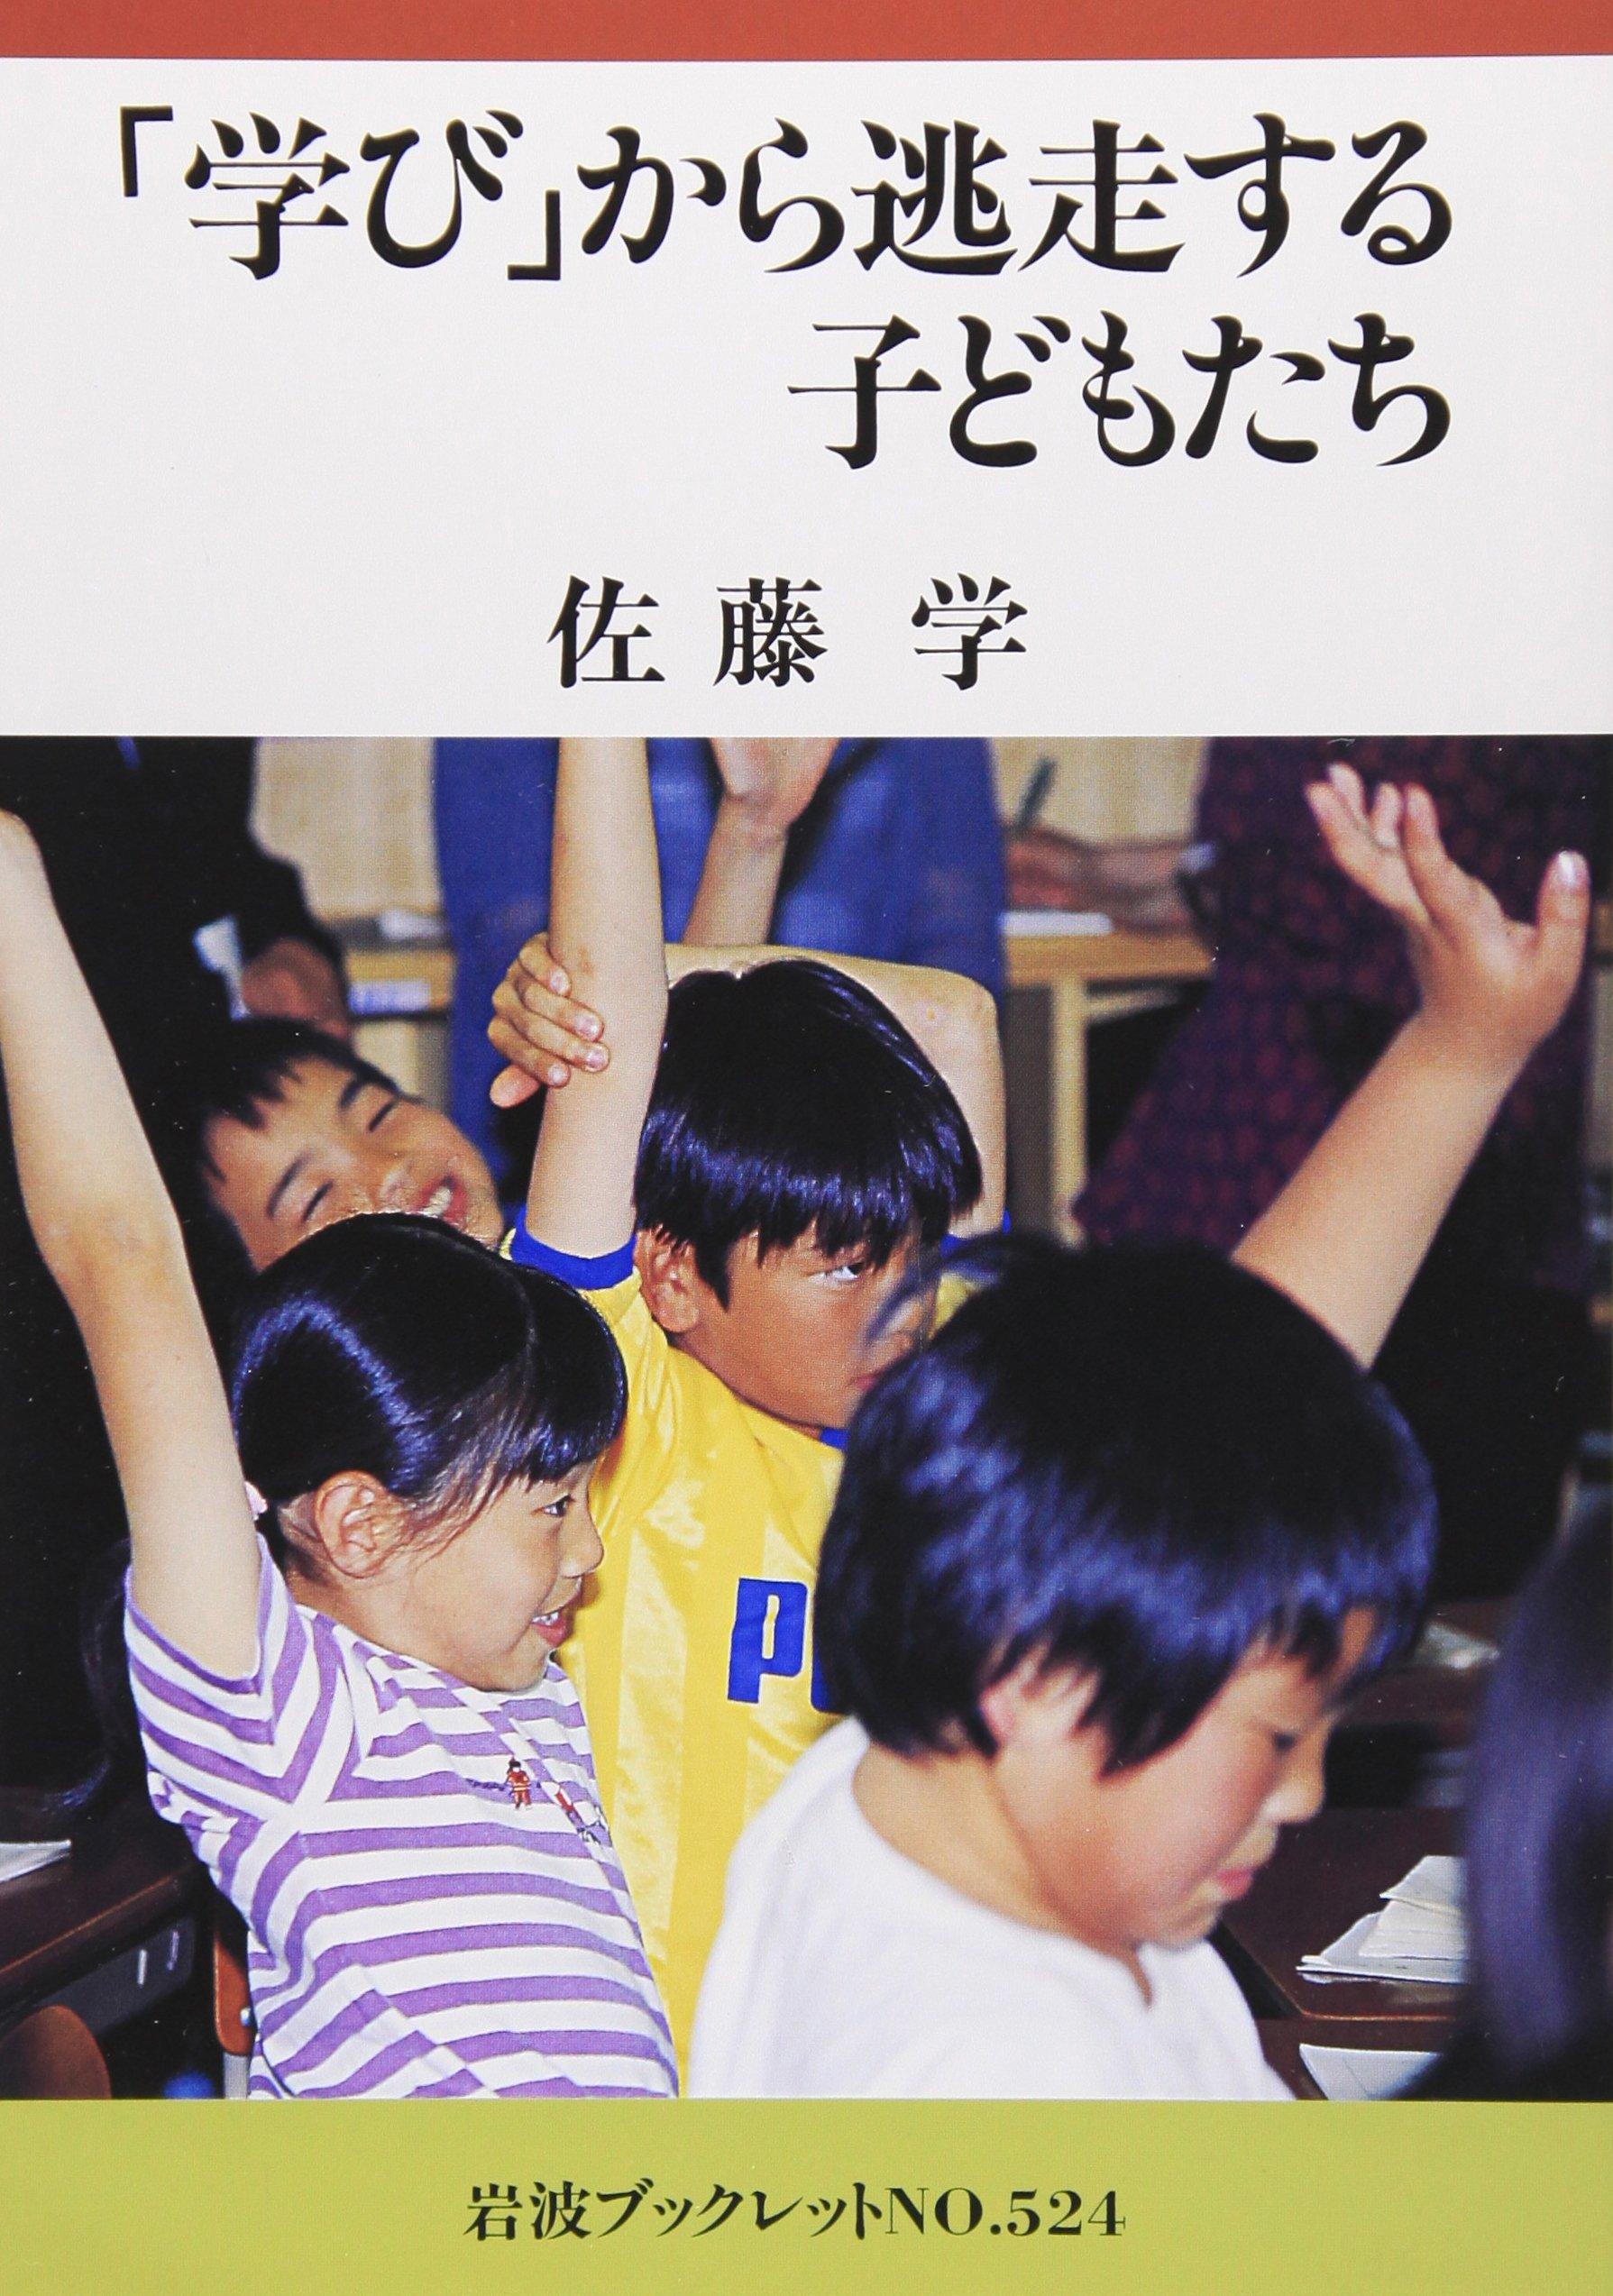 板橋の塾 穎才学院のブログ 【エイサイブログ】お子様の「学力」に不安が出たら…